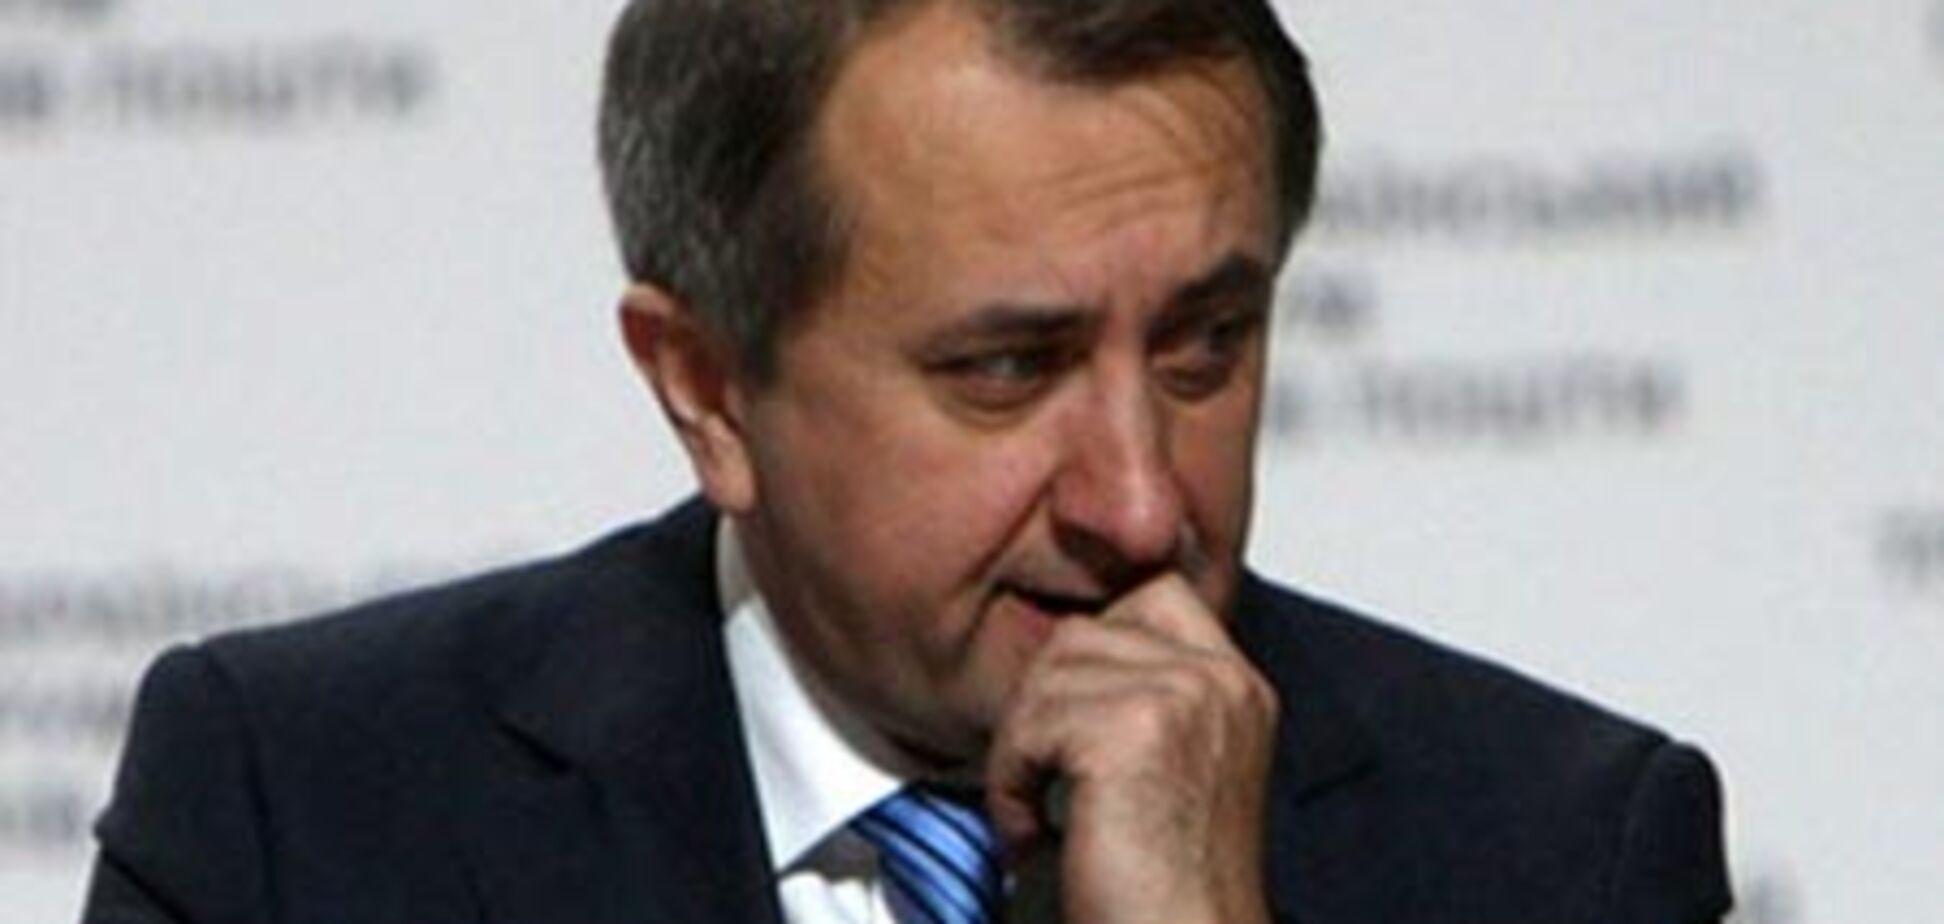 Адвокат: Повернути Данилишина в Україну вже неможливо